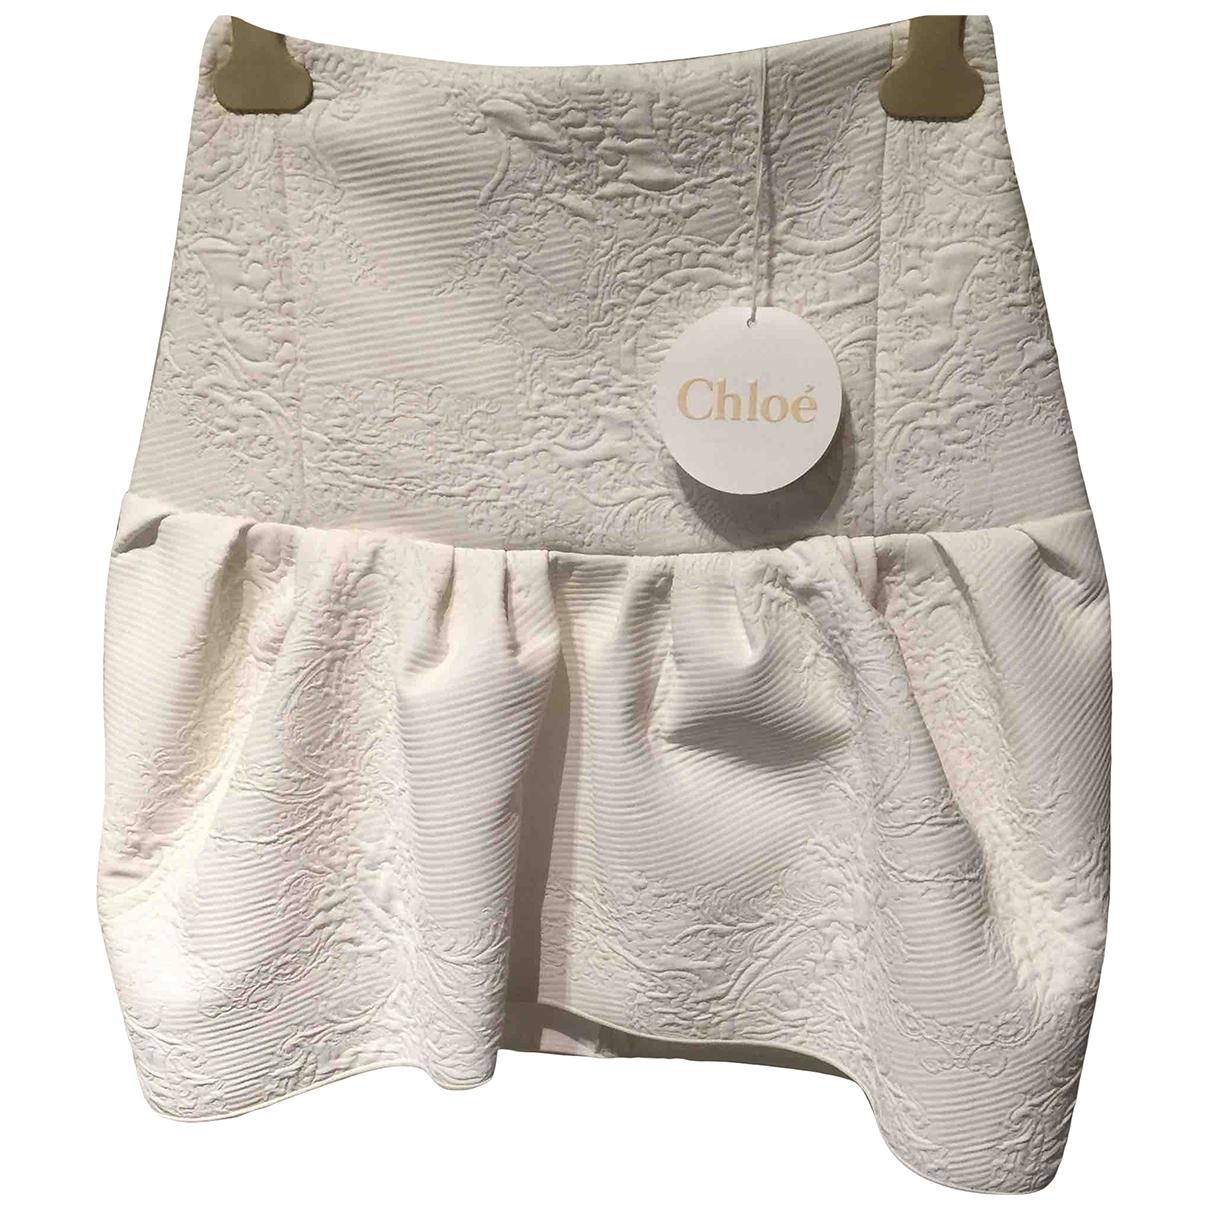 Chloé \N White dress for Women 36 FR